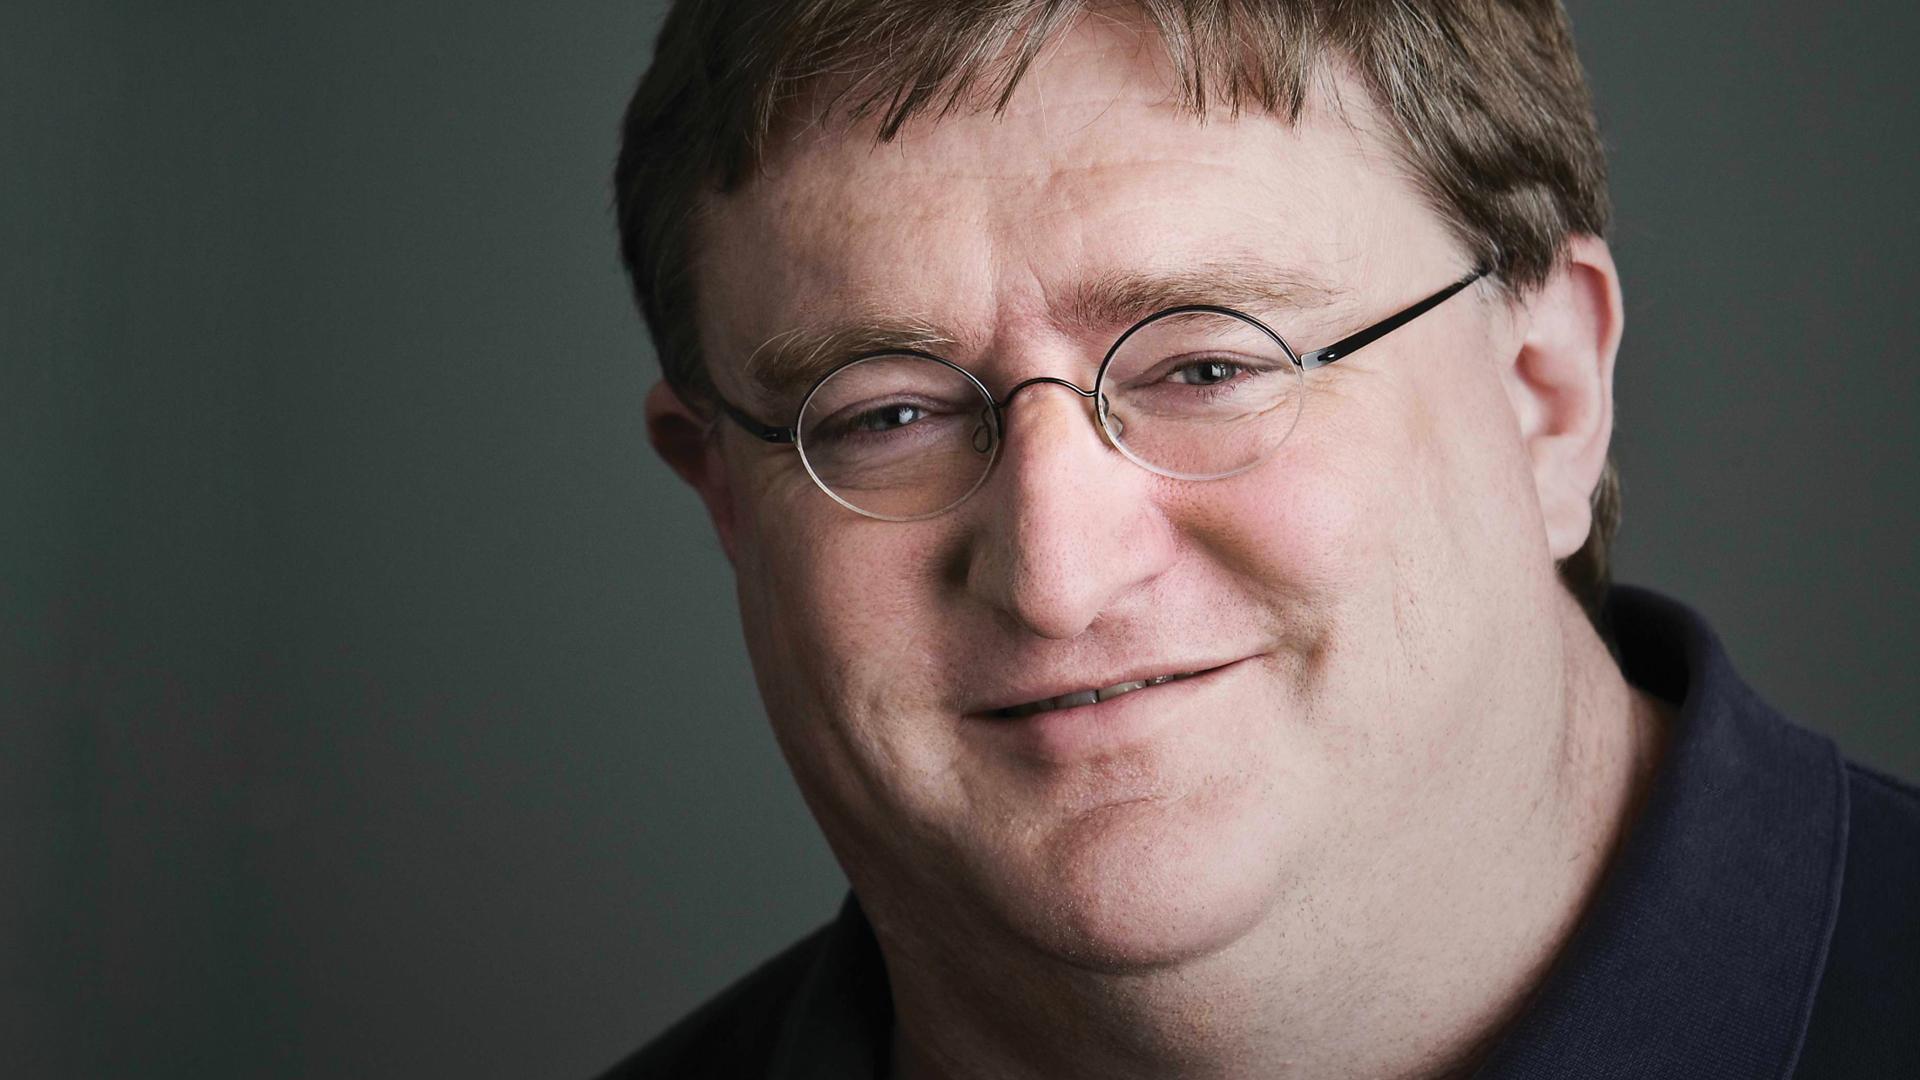 Gabe Newell Computer Wallpaper